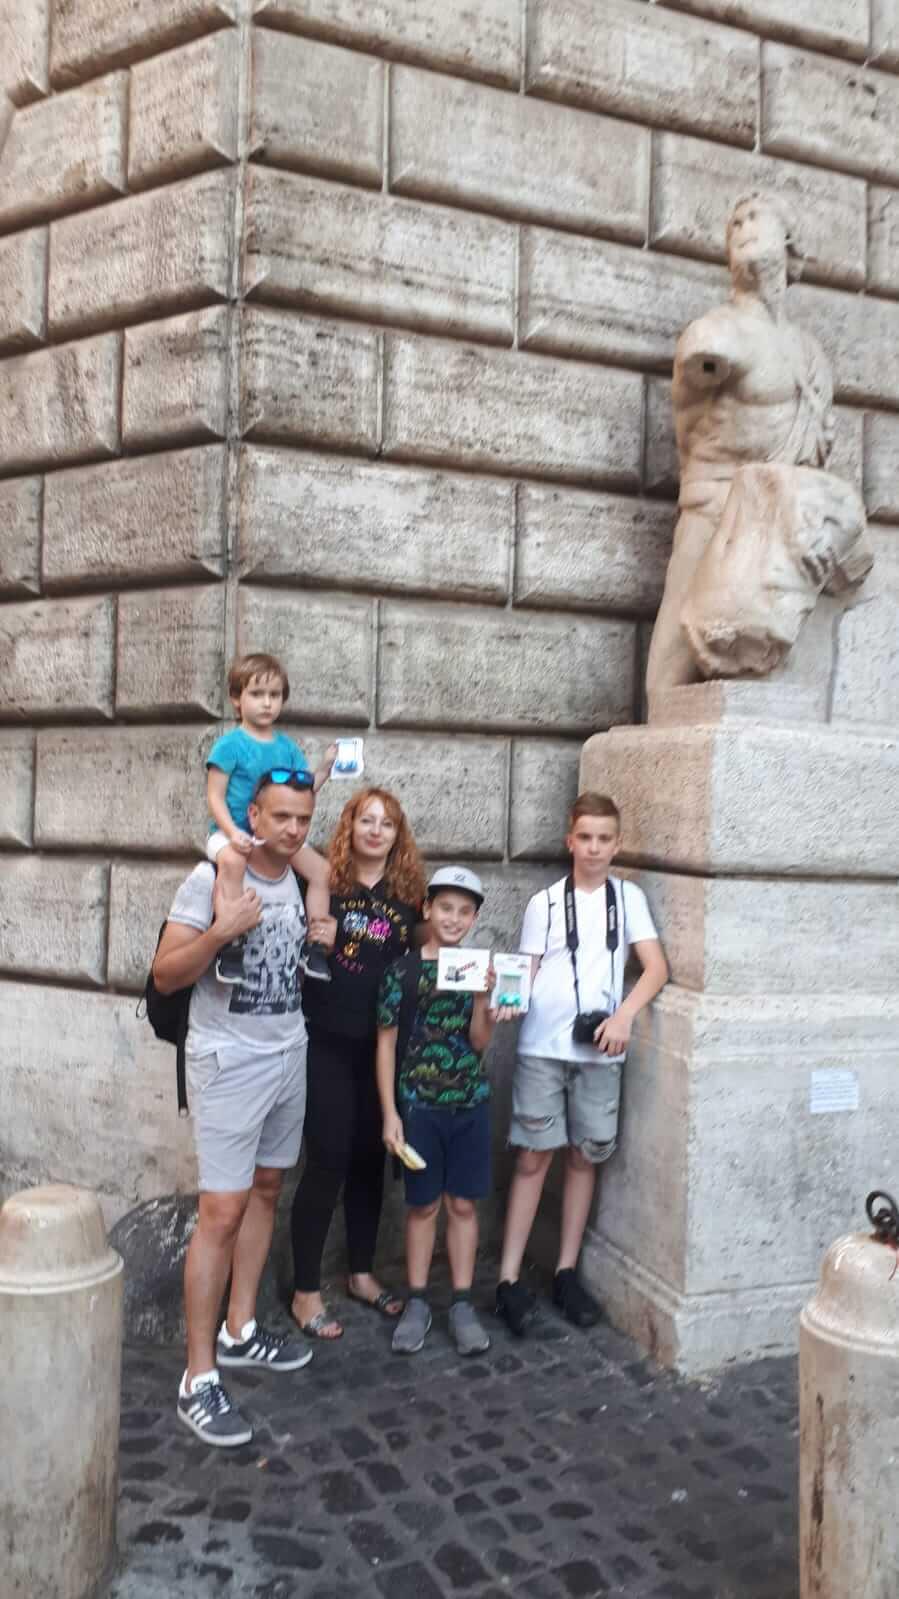 Участники детского квеста в Риме 30.06.2019